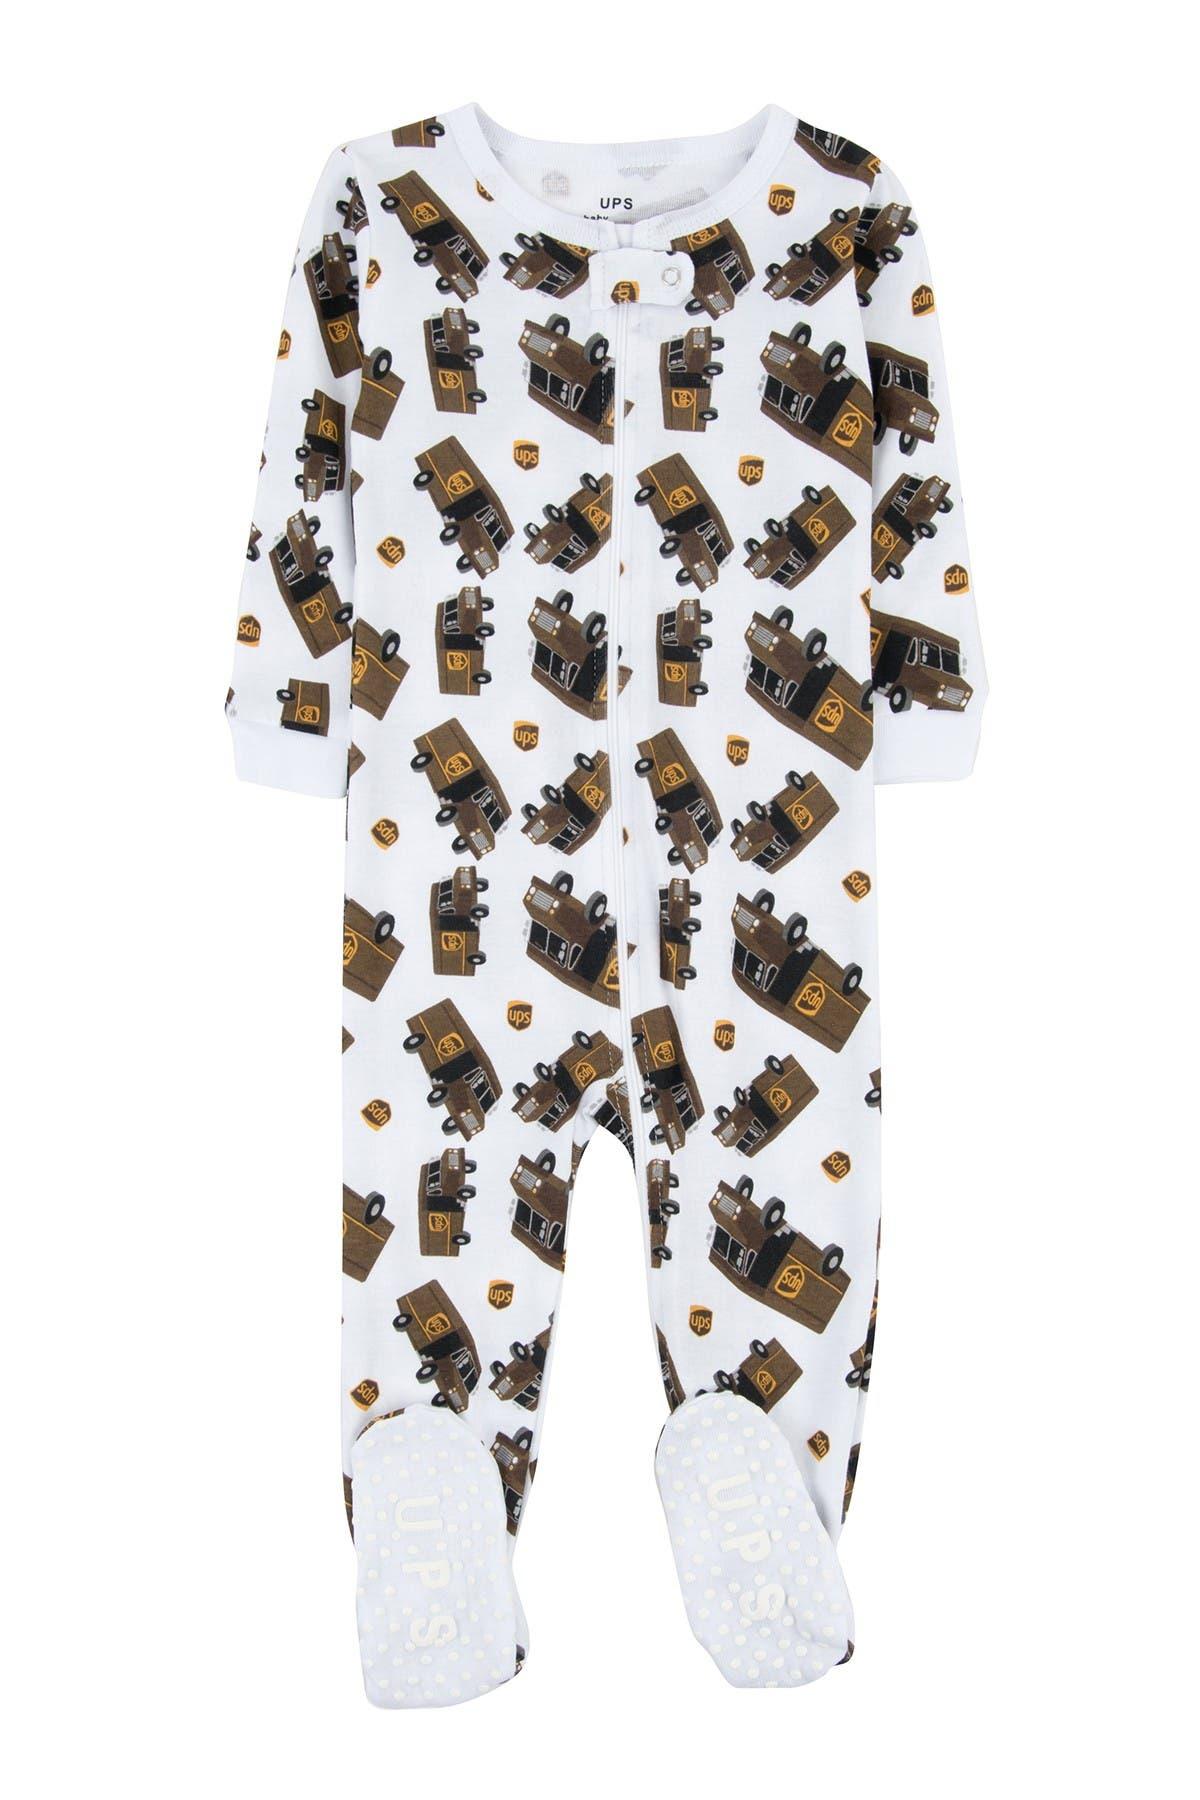 Image of Leveret White UPS Footed Sleeper Pajama